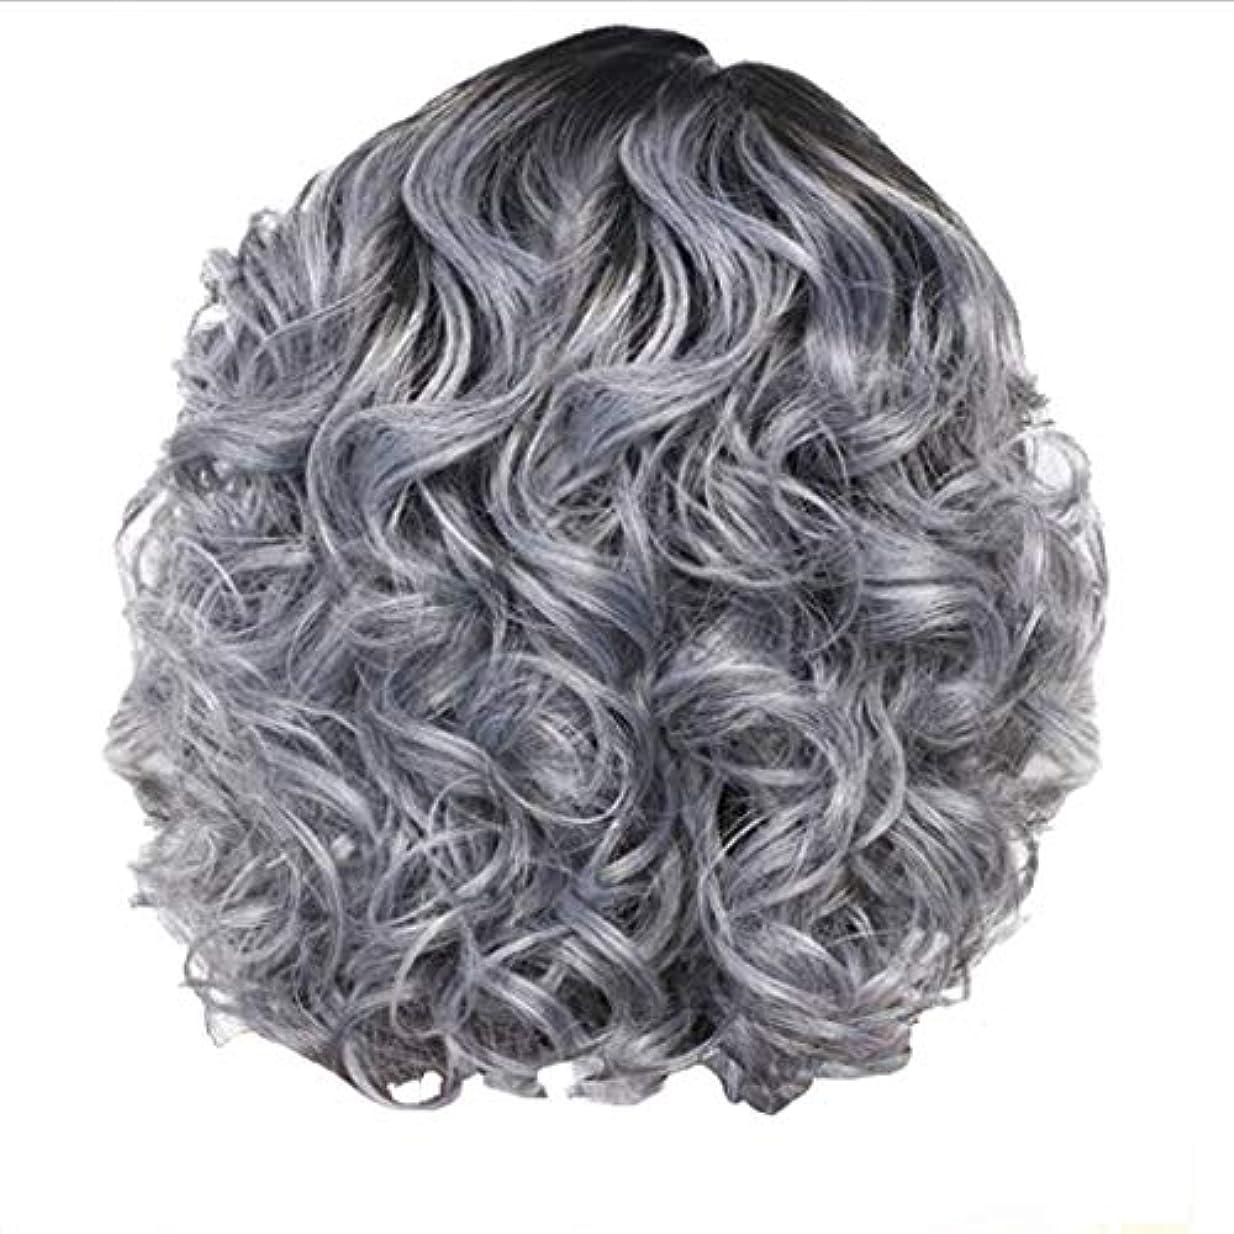 火山拷問反抗かつら女性の短い巻き毛シルバーグレーレトロ巻き毛ネット30 cm